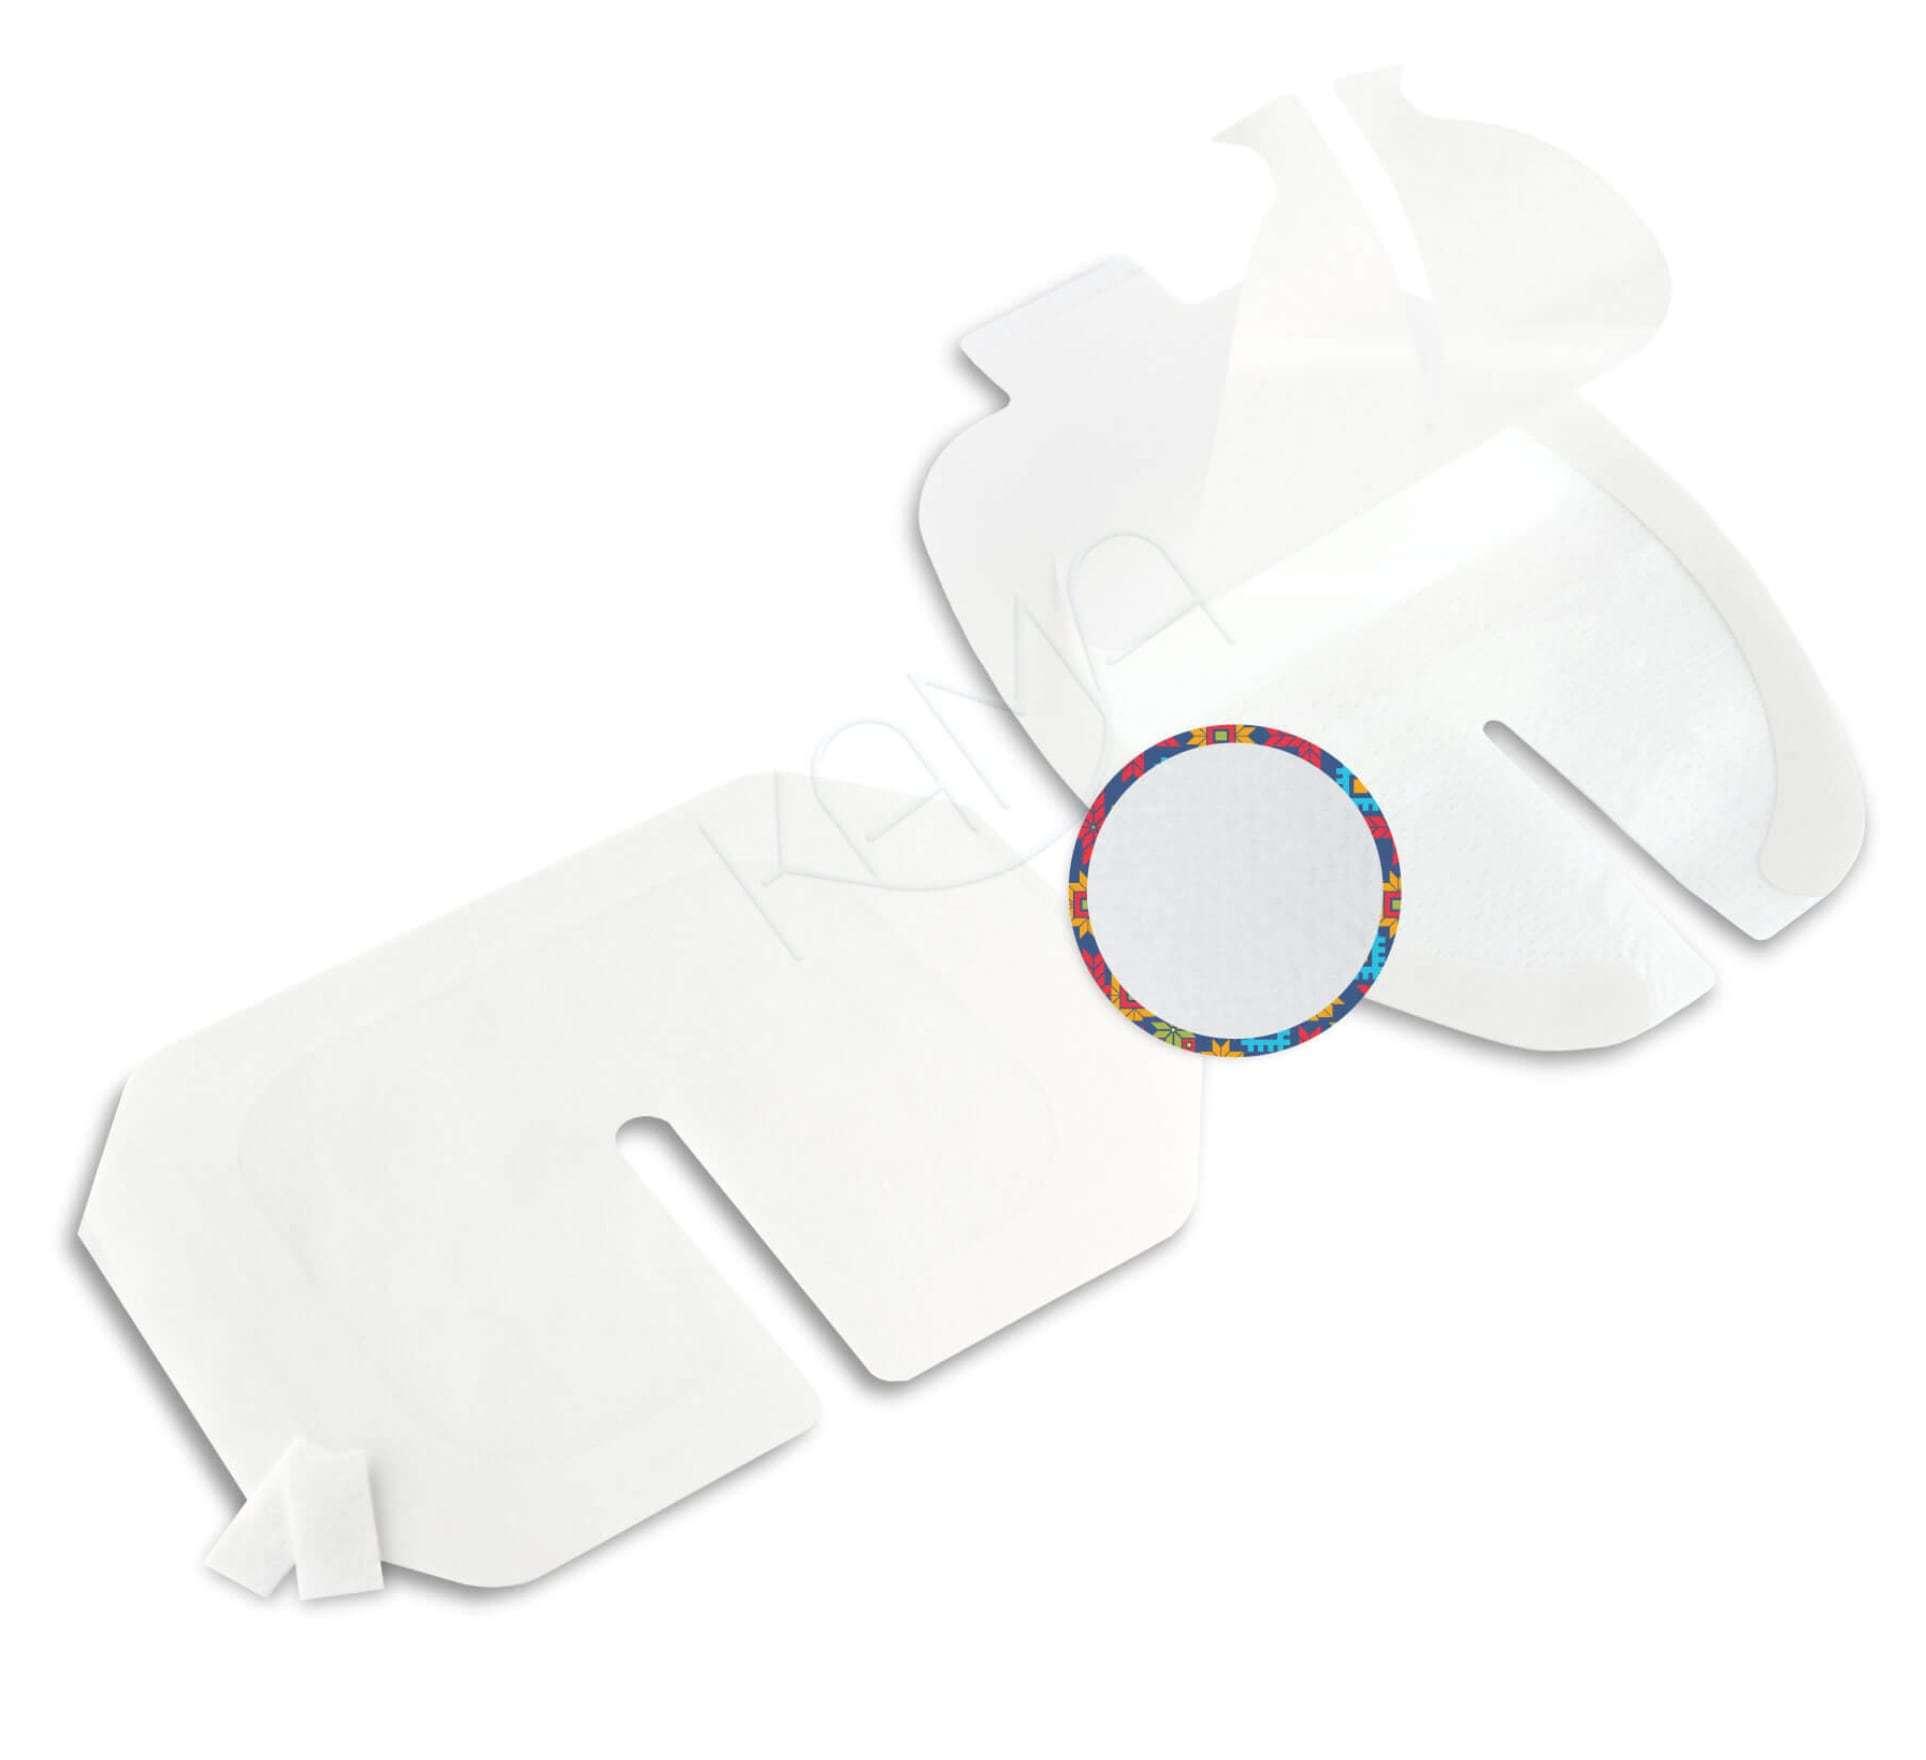 Повязка прозрачная для фиксации катетеров АйВи-Филм 6x7 см